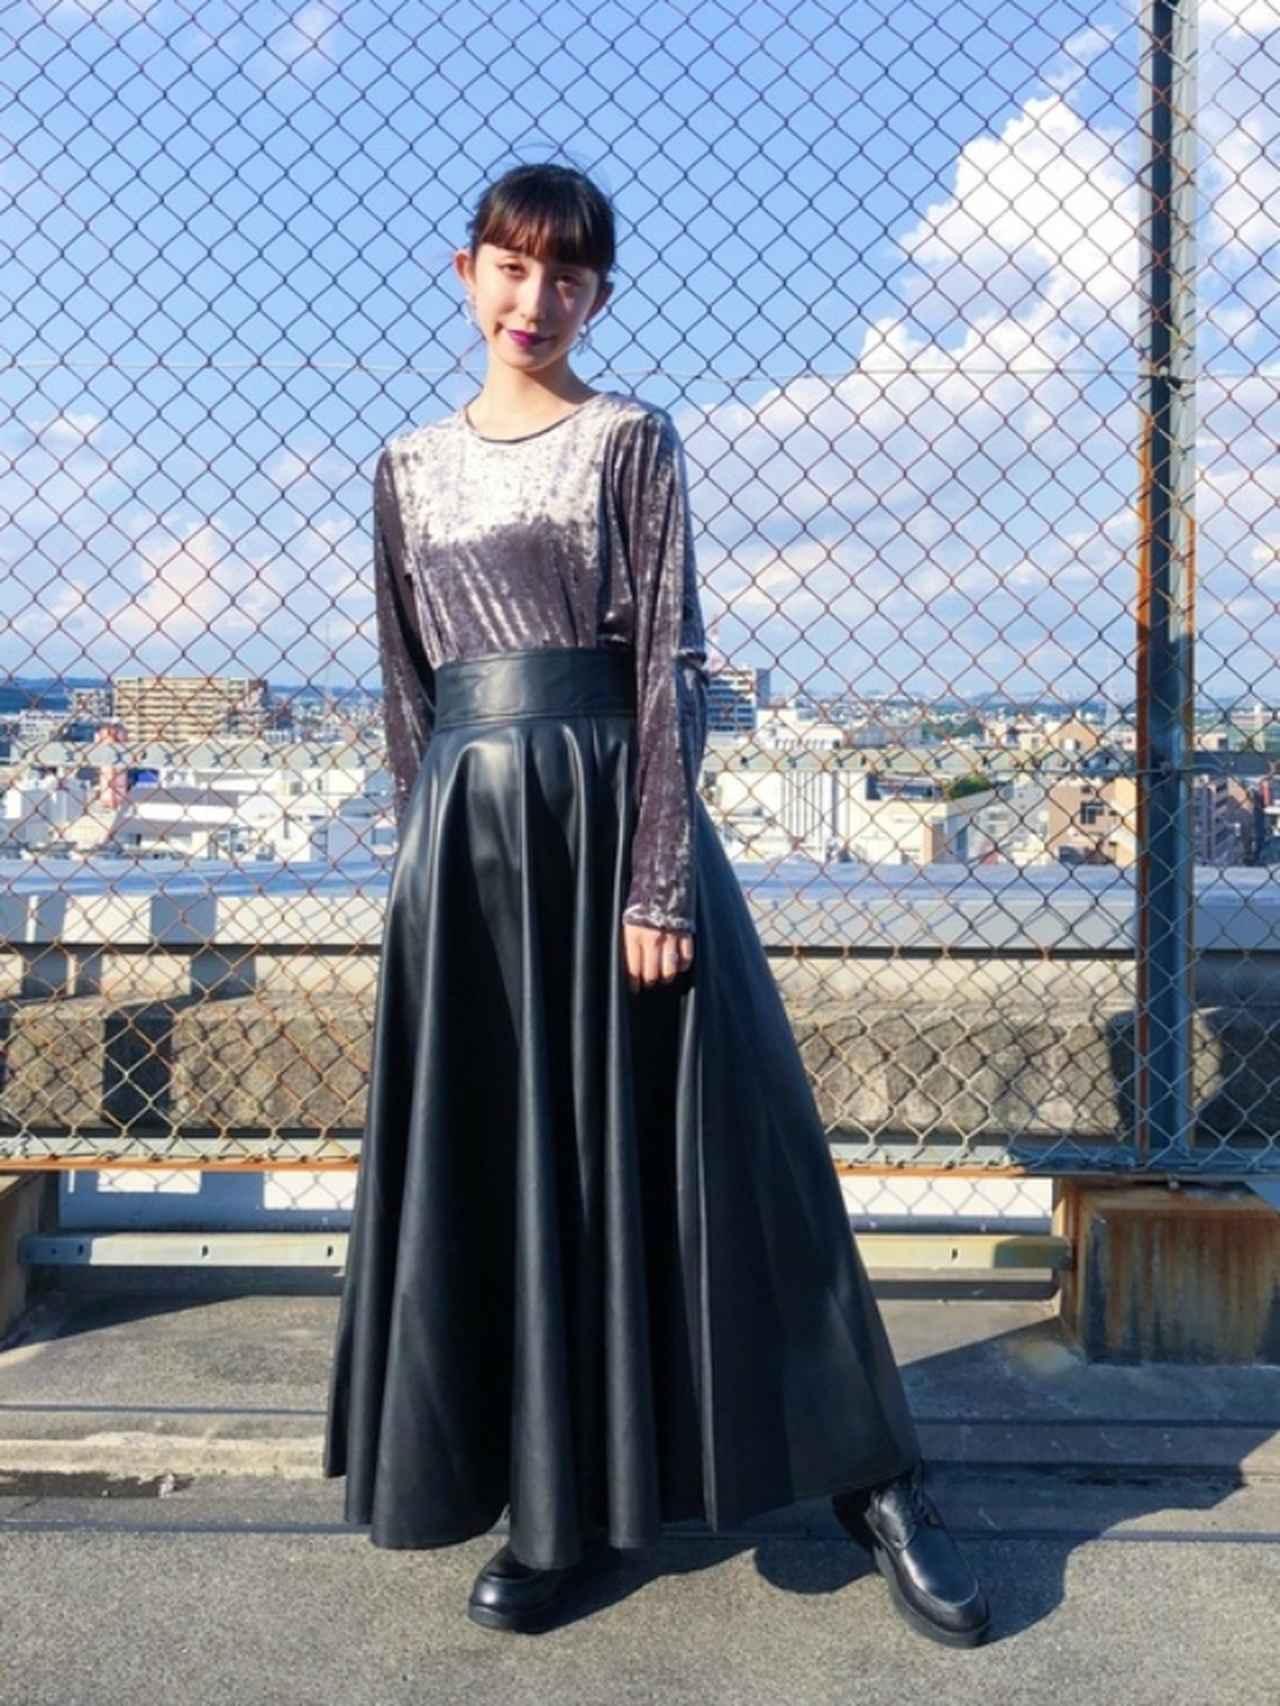 画像: 【HARE】スカート¥12,100(税込)カットソー¥6,930(税込) 出典:WEAR